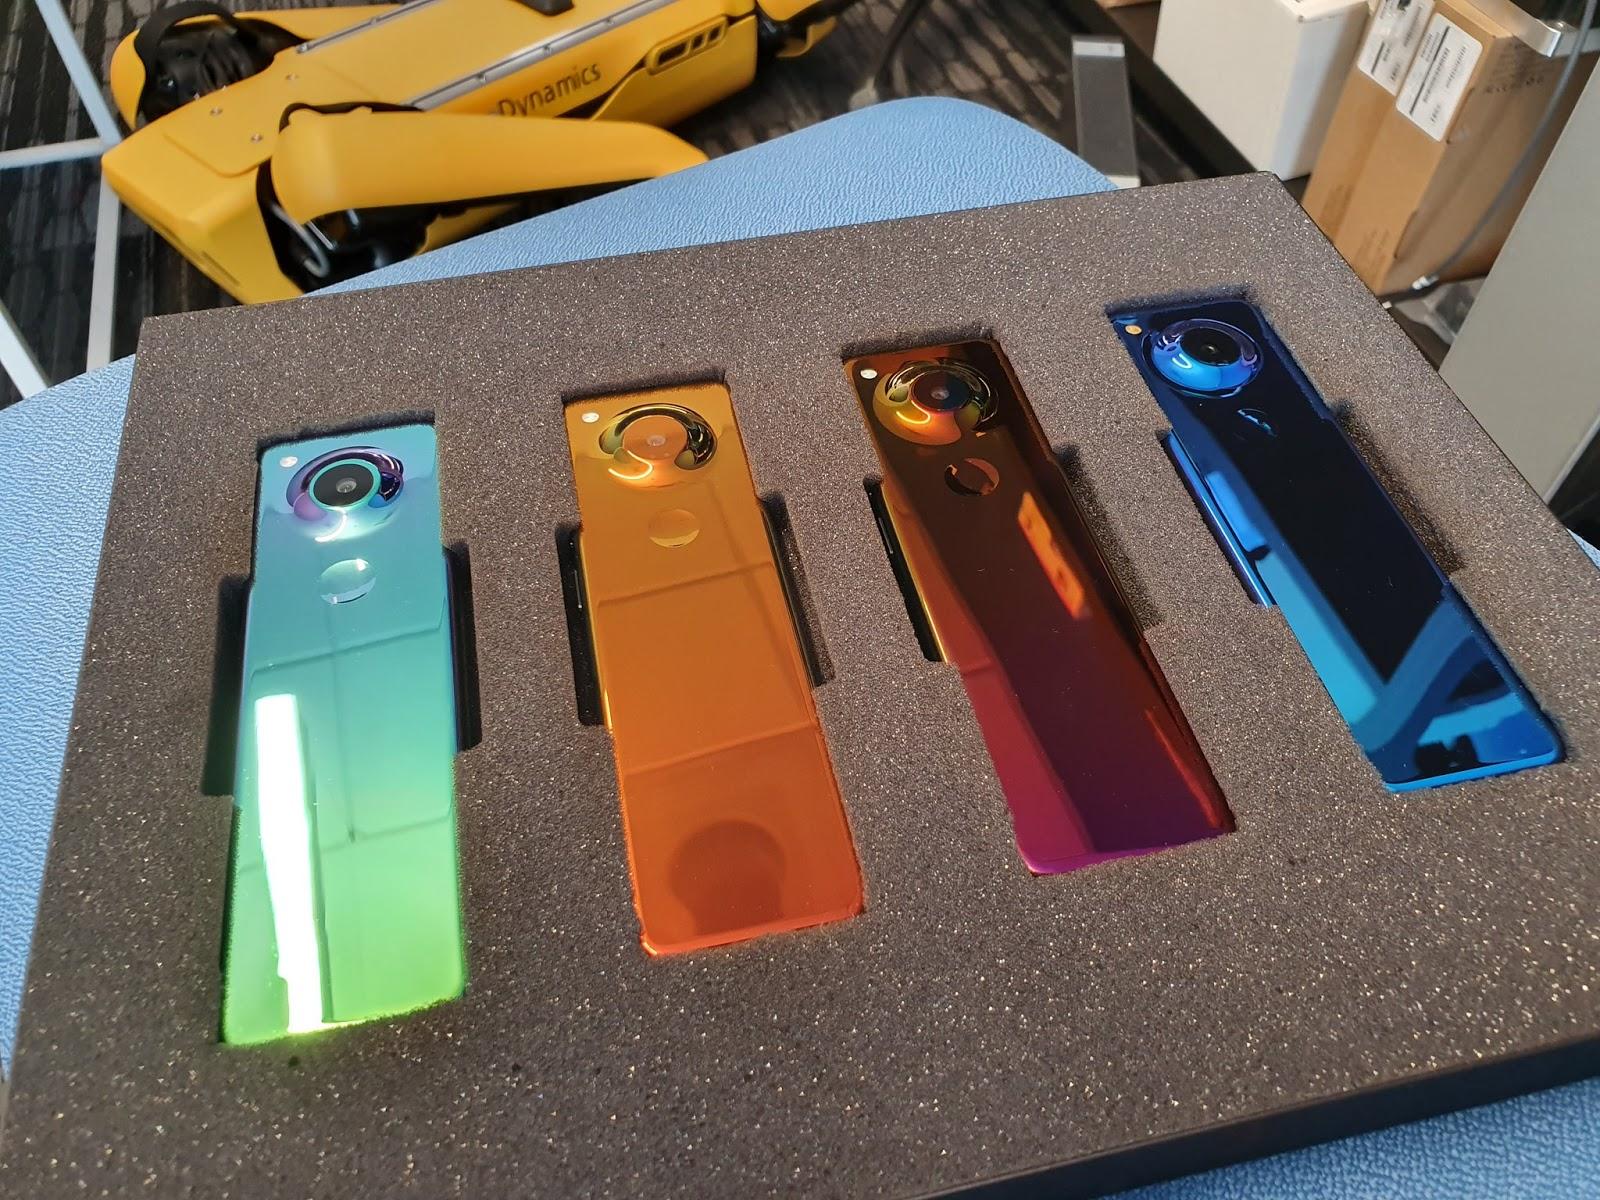 آندي روبن Andy Rubin  يكشف عن هاتف أساسي جديد بتصميم غريب